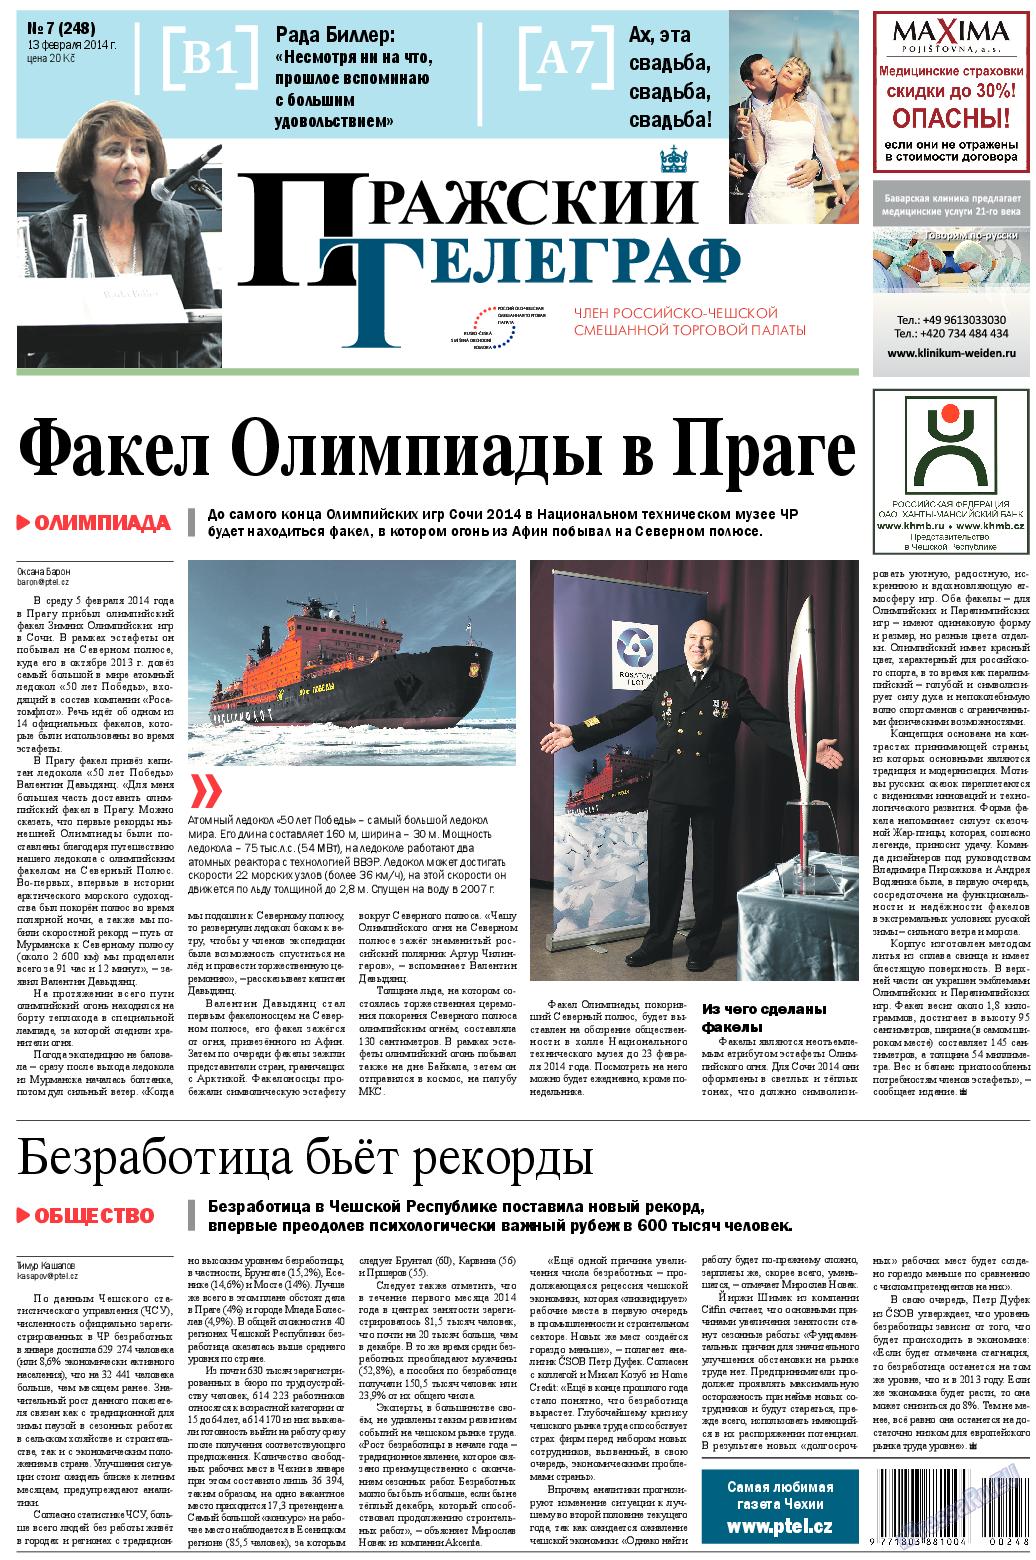 Пражский телеграф (газета). 2014 год, номер 7, стр. 1